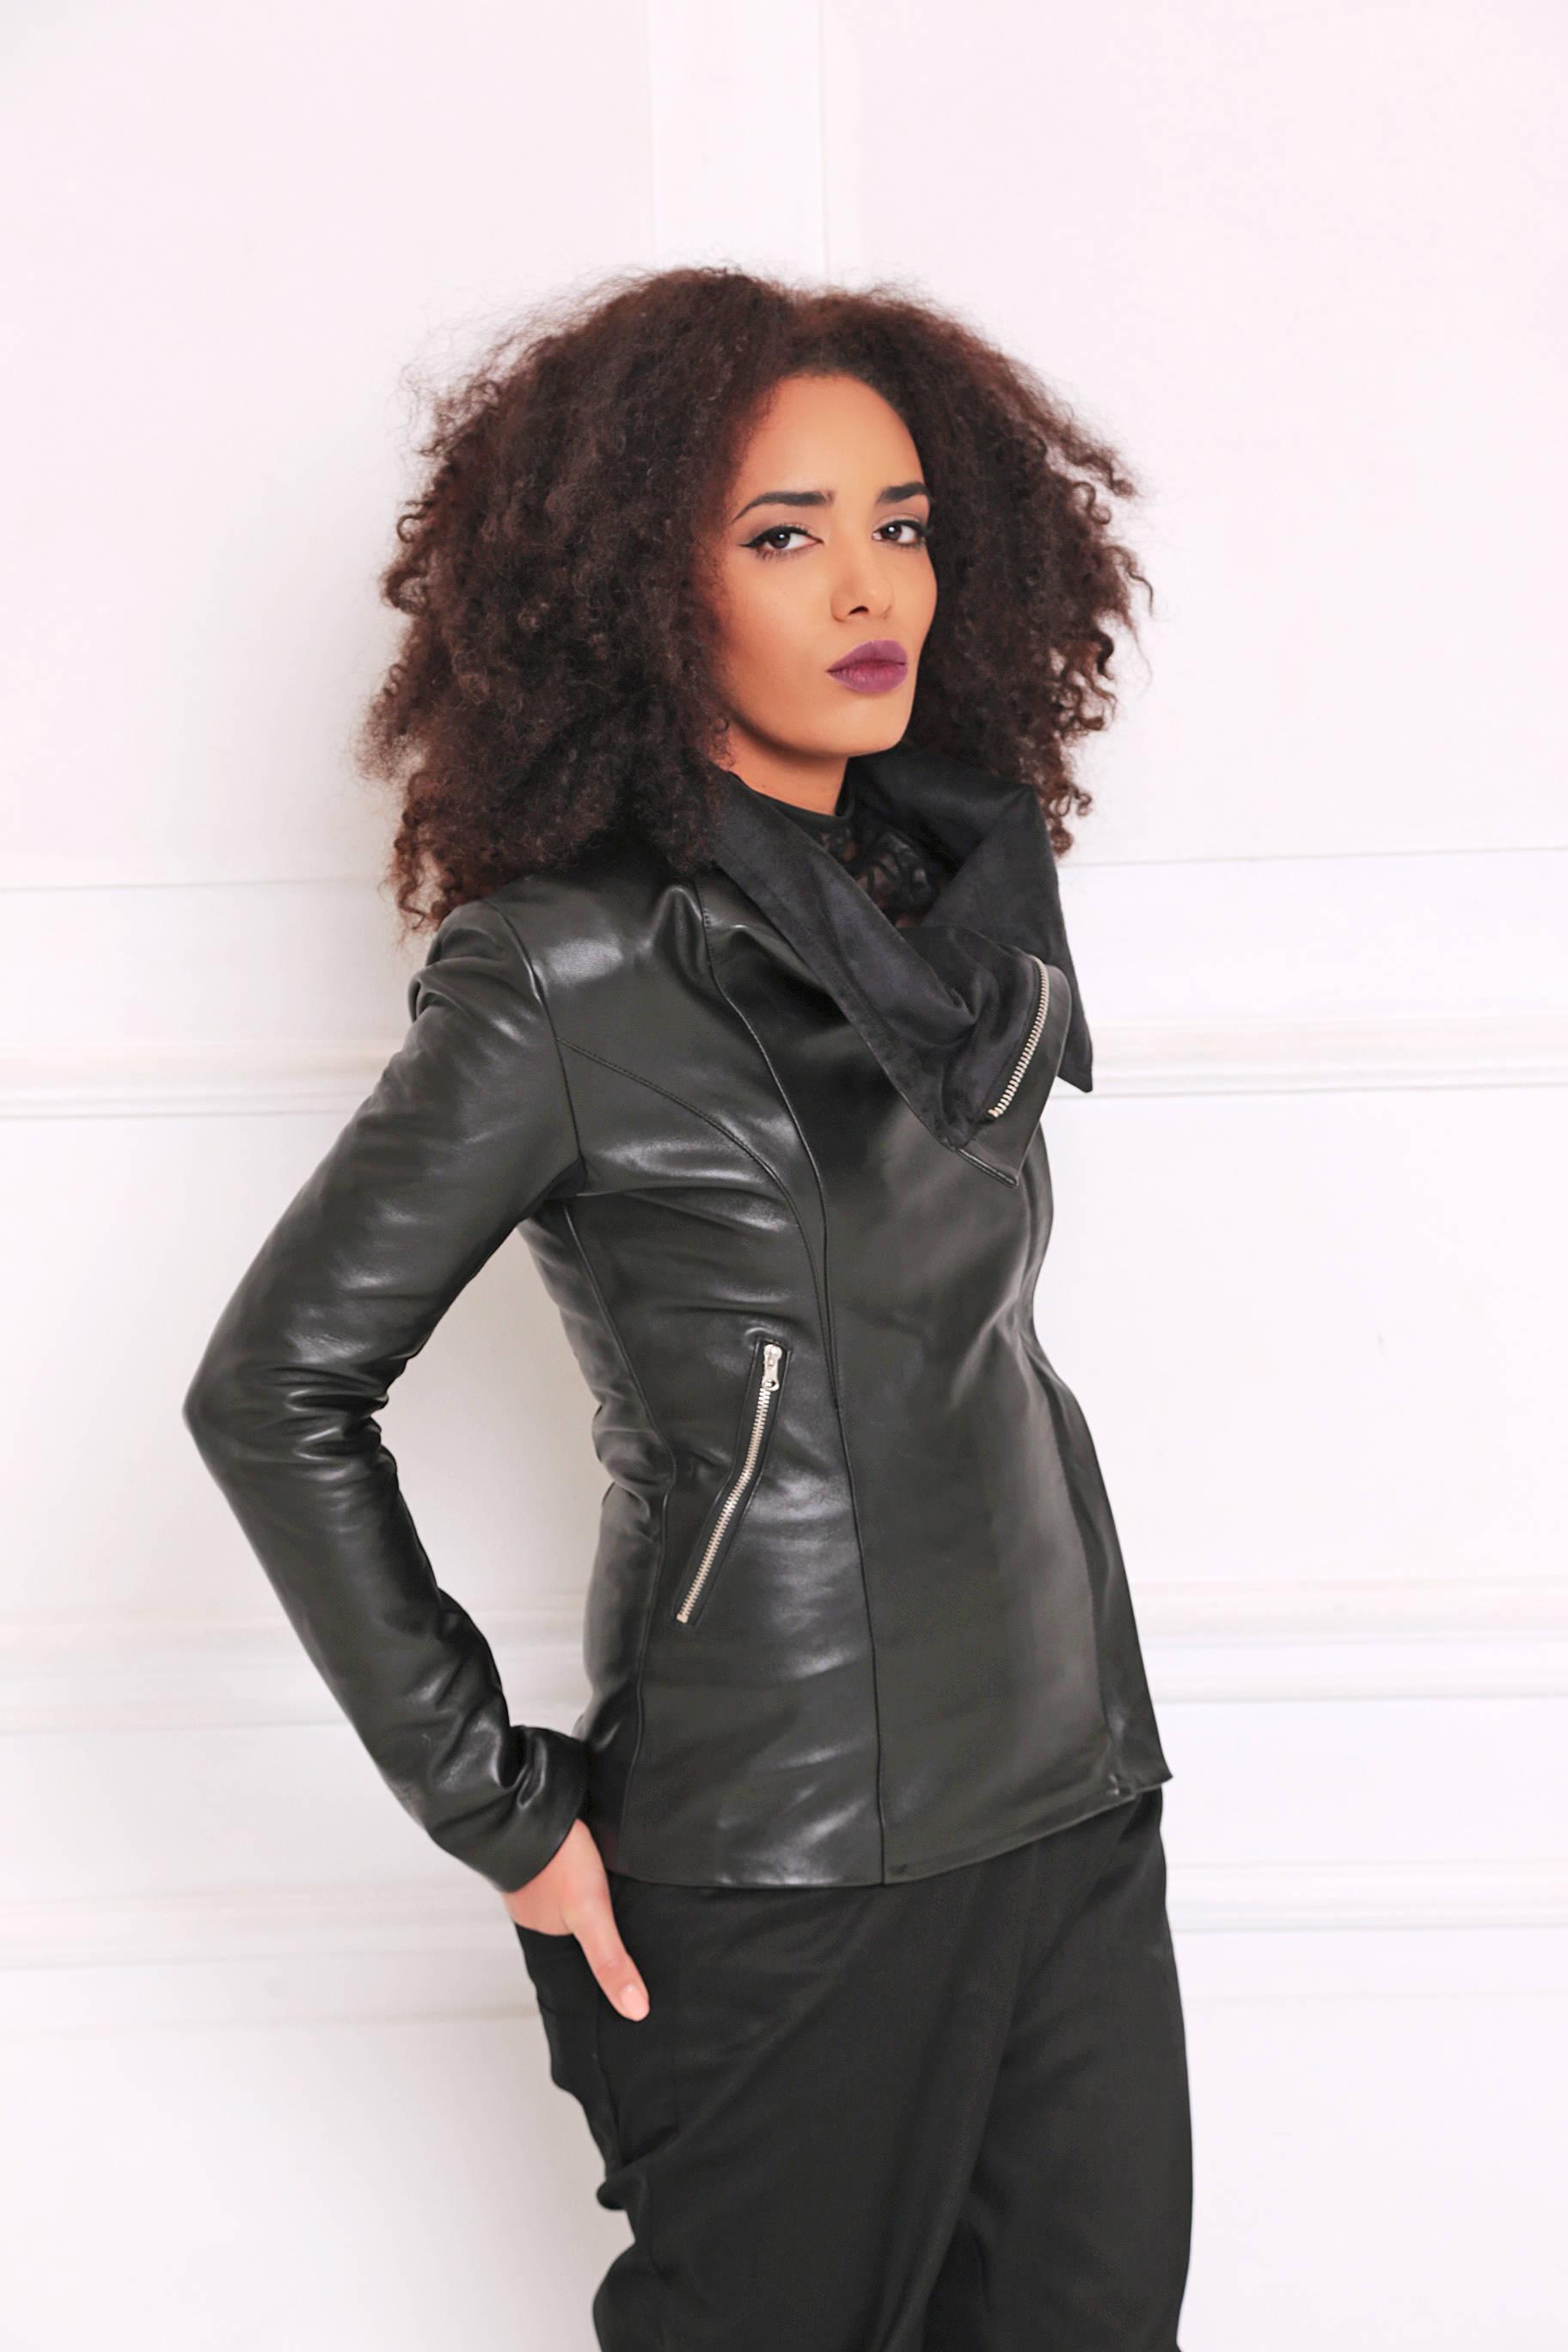 Black Leather Jacket Allseams